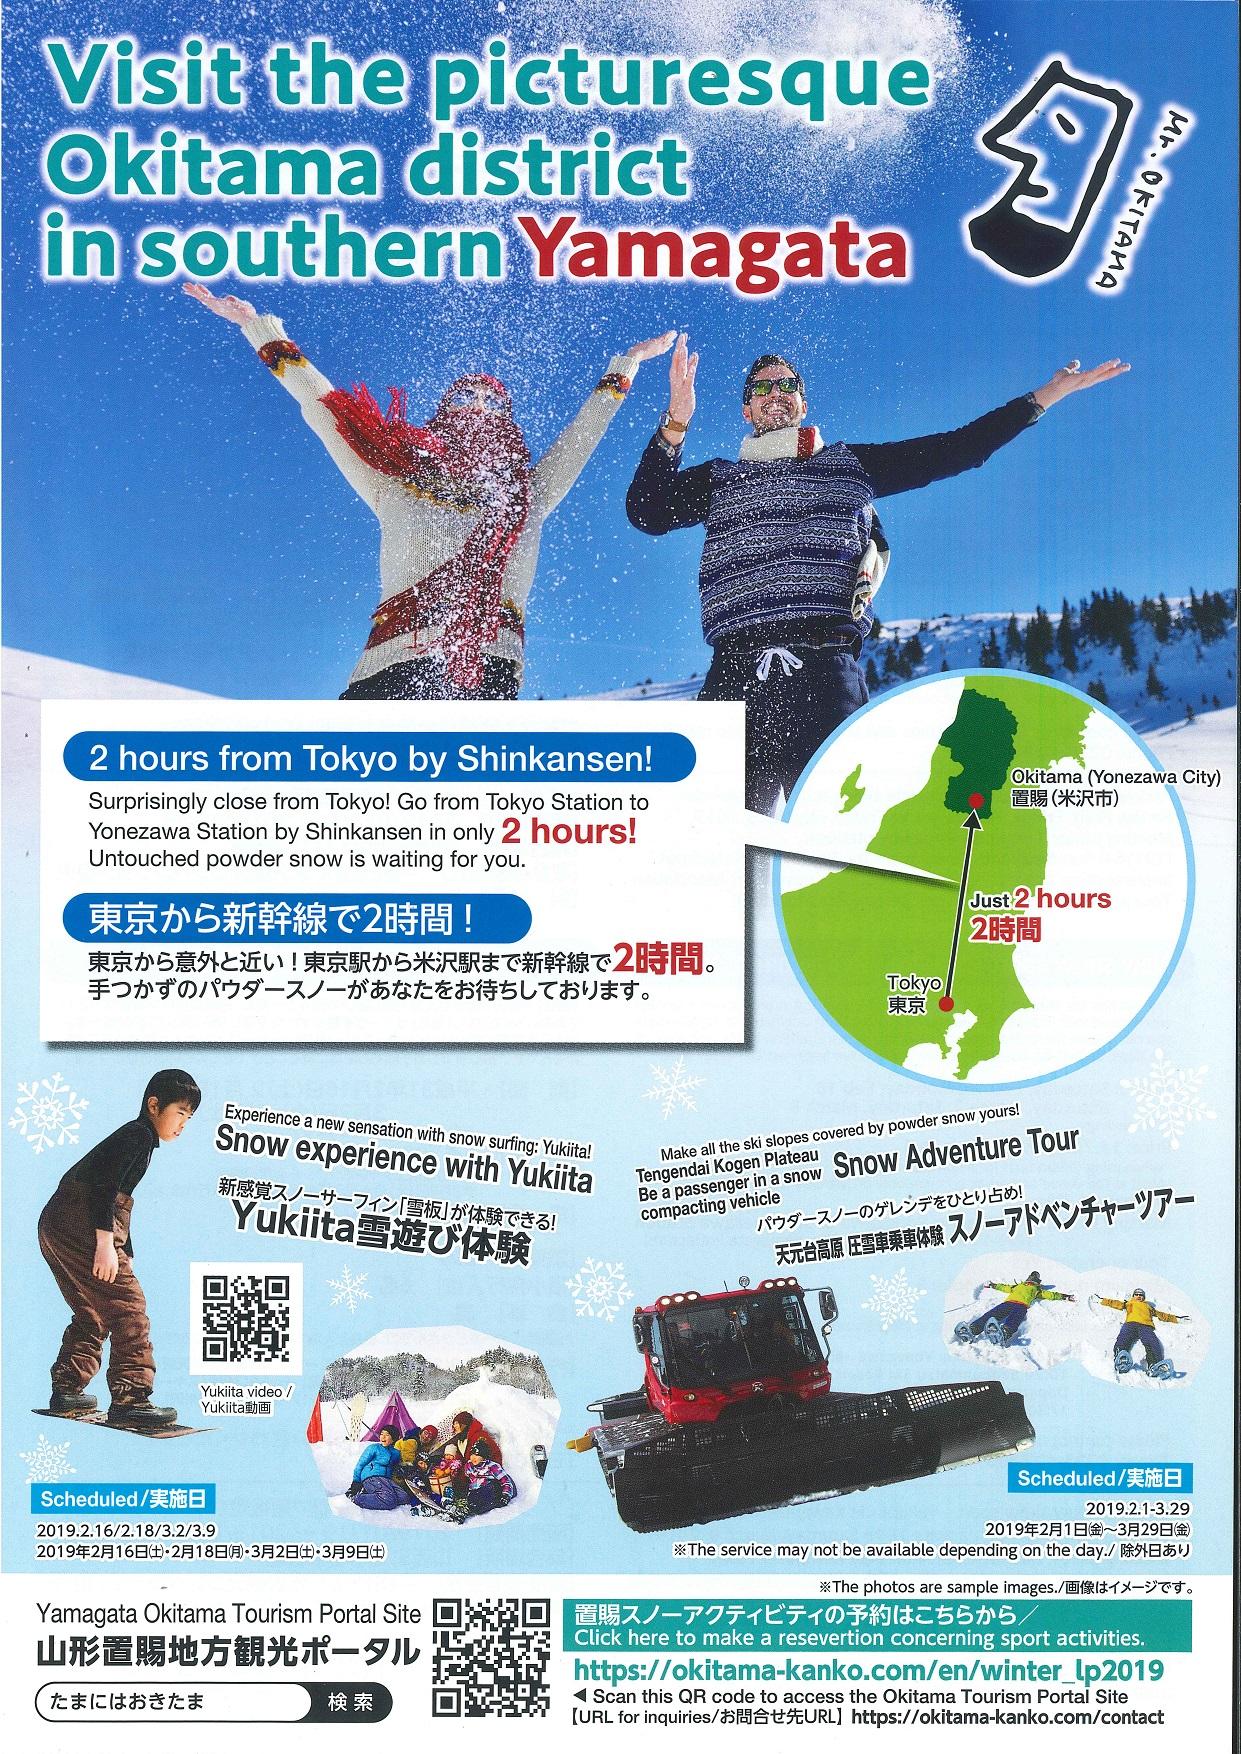 오키타마 스노 액티브 투어 모집중!:화상